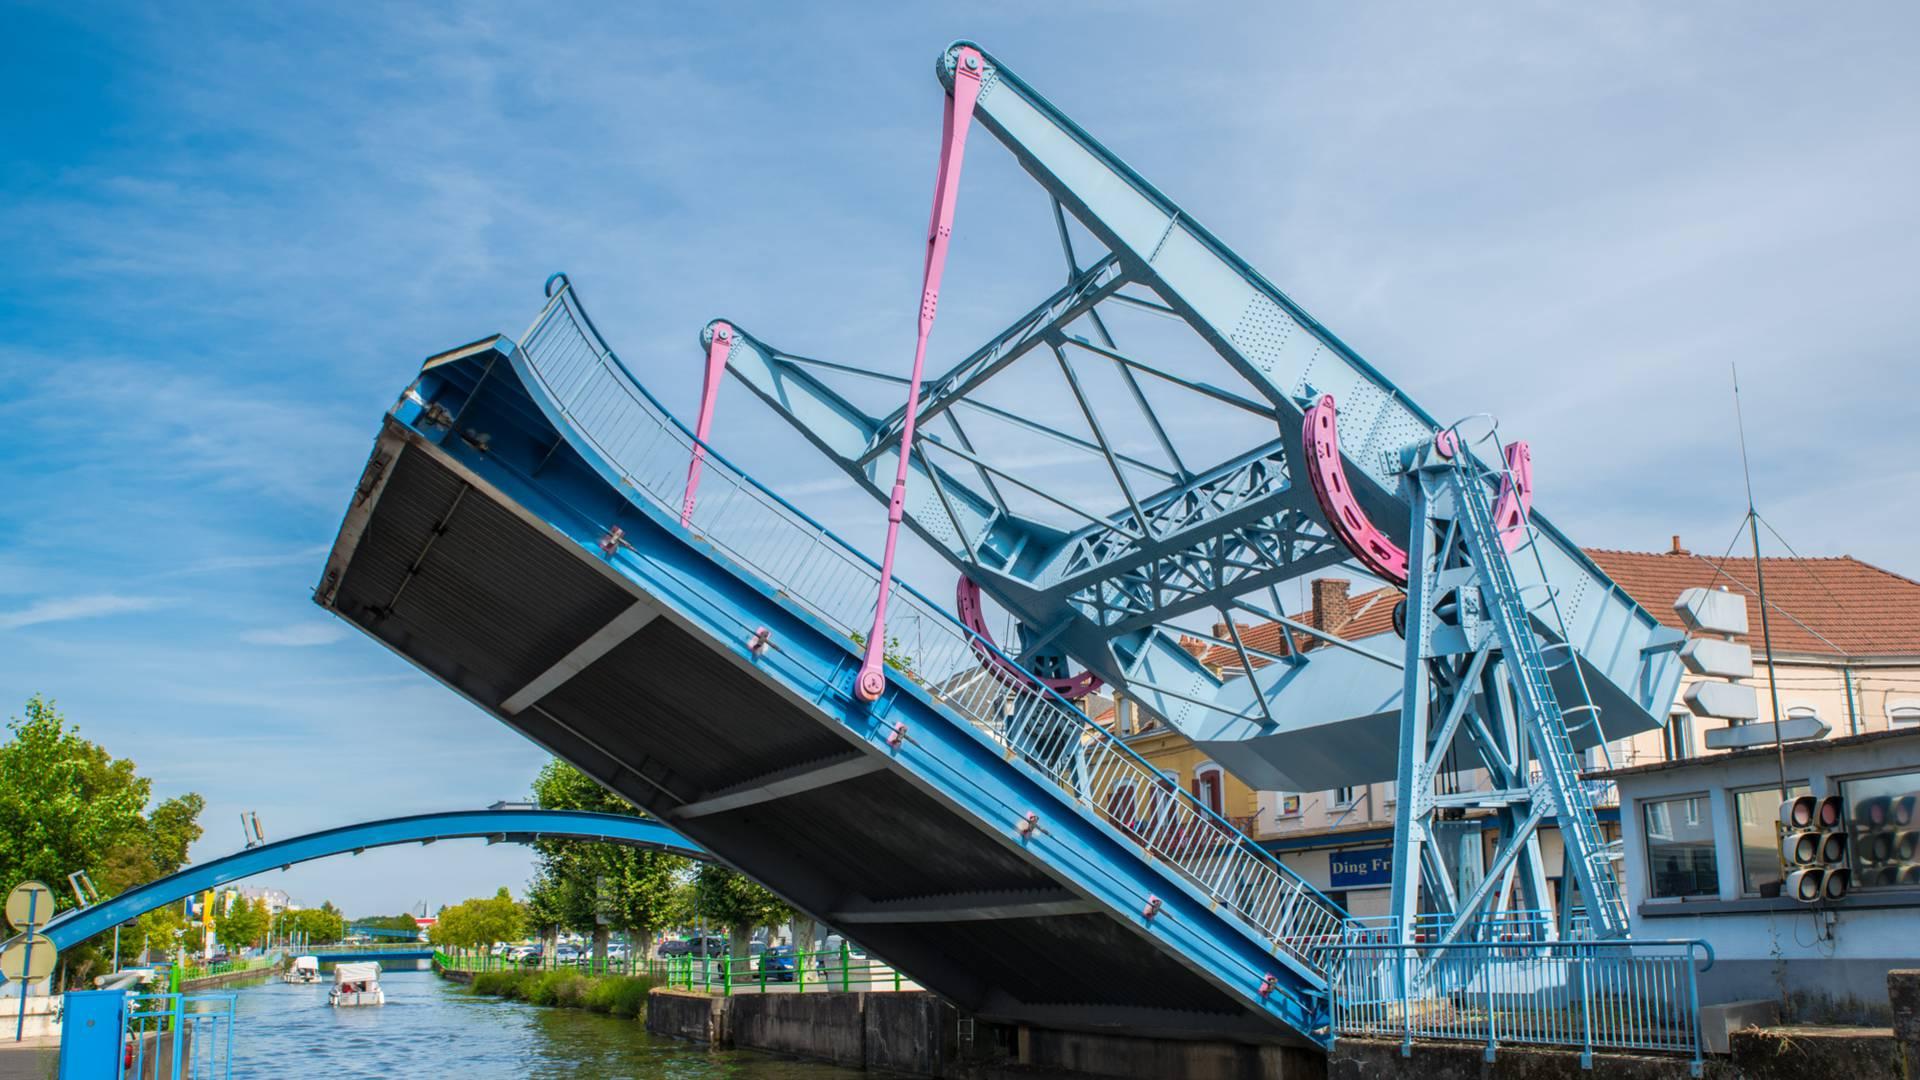 Le pont levant de Montceau-les-Mines. © Franck Juillot.